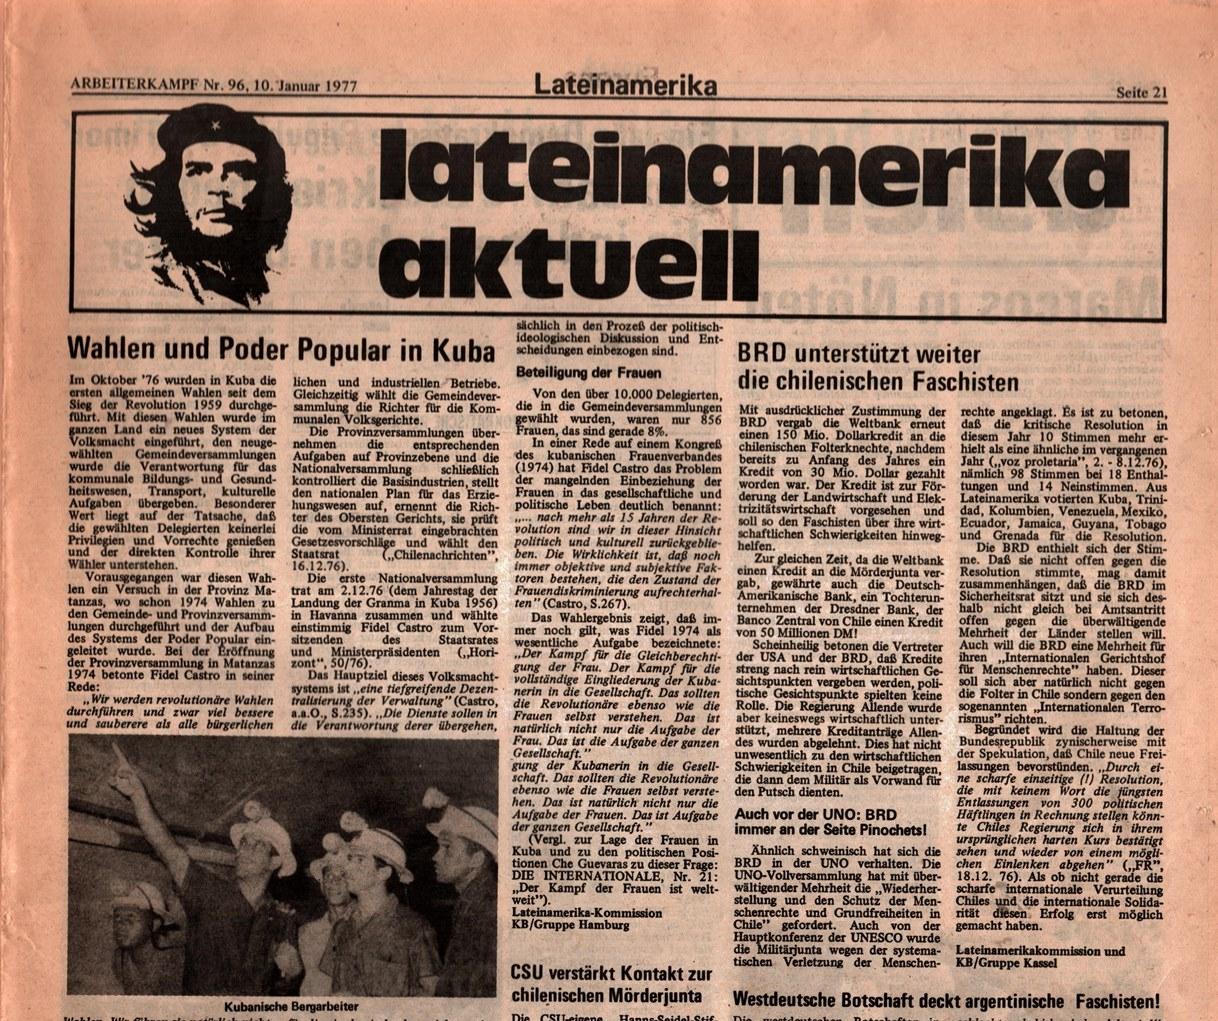 KB_AK_1977_096_041